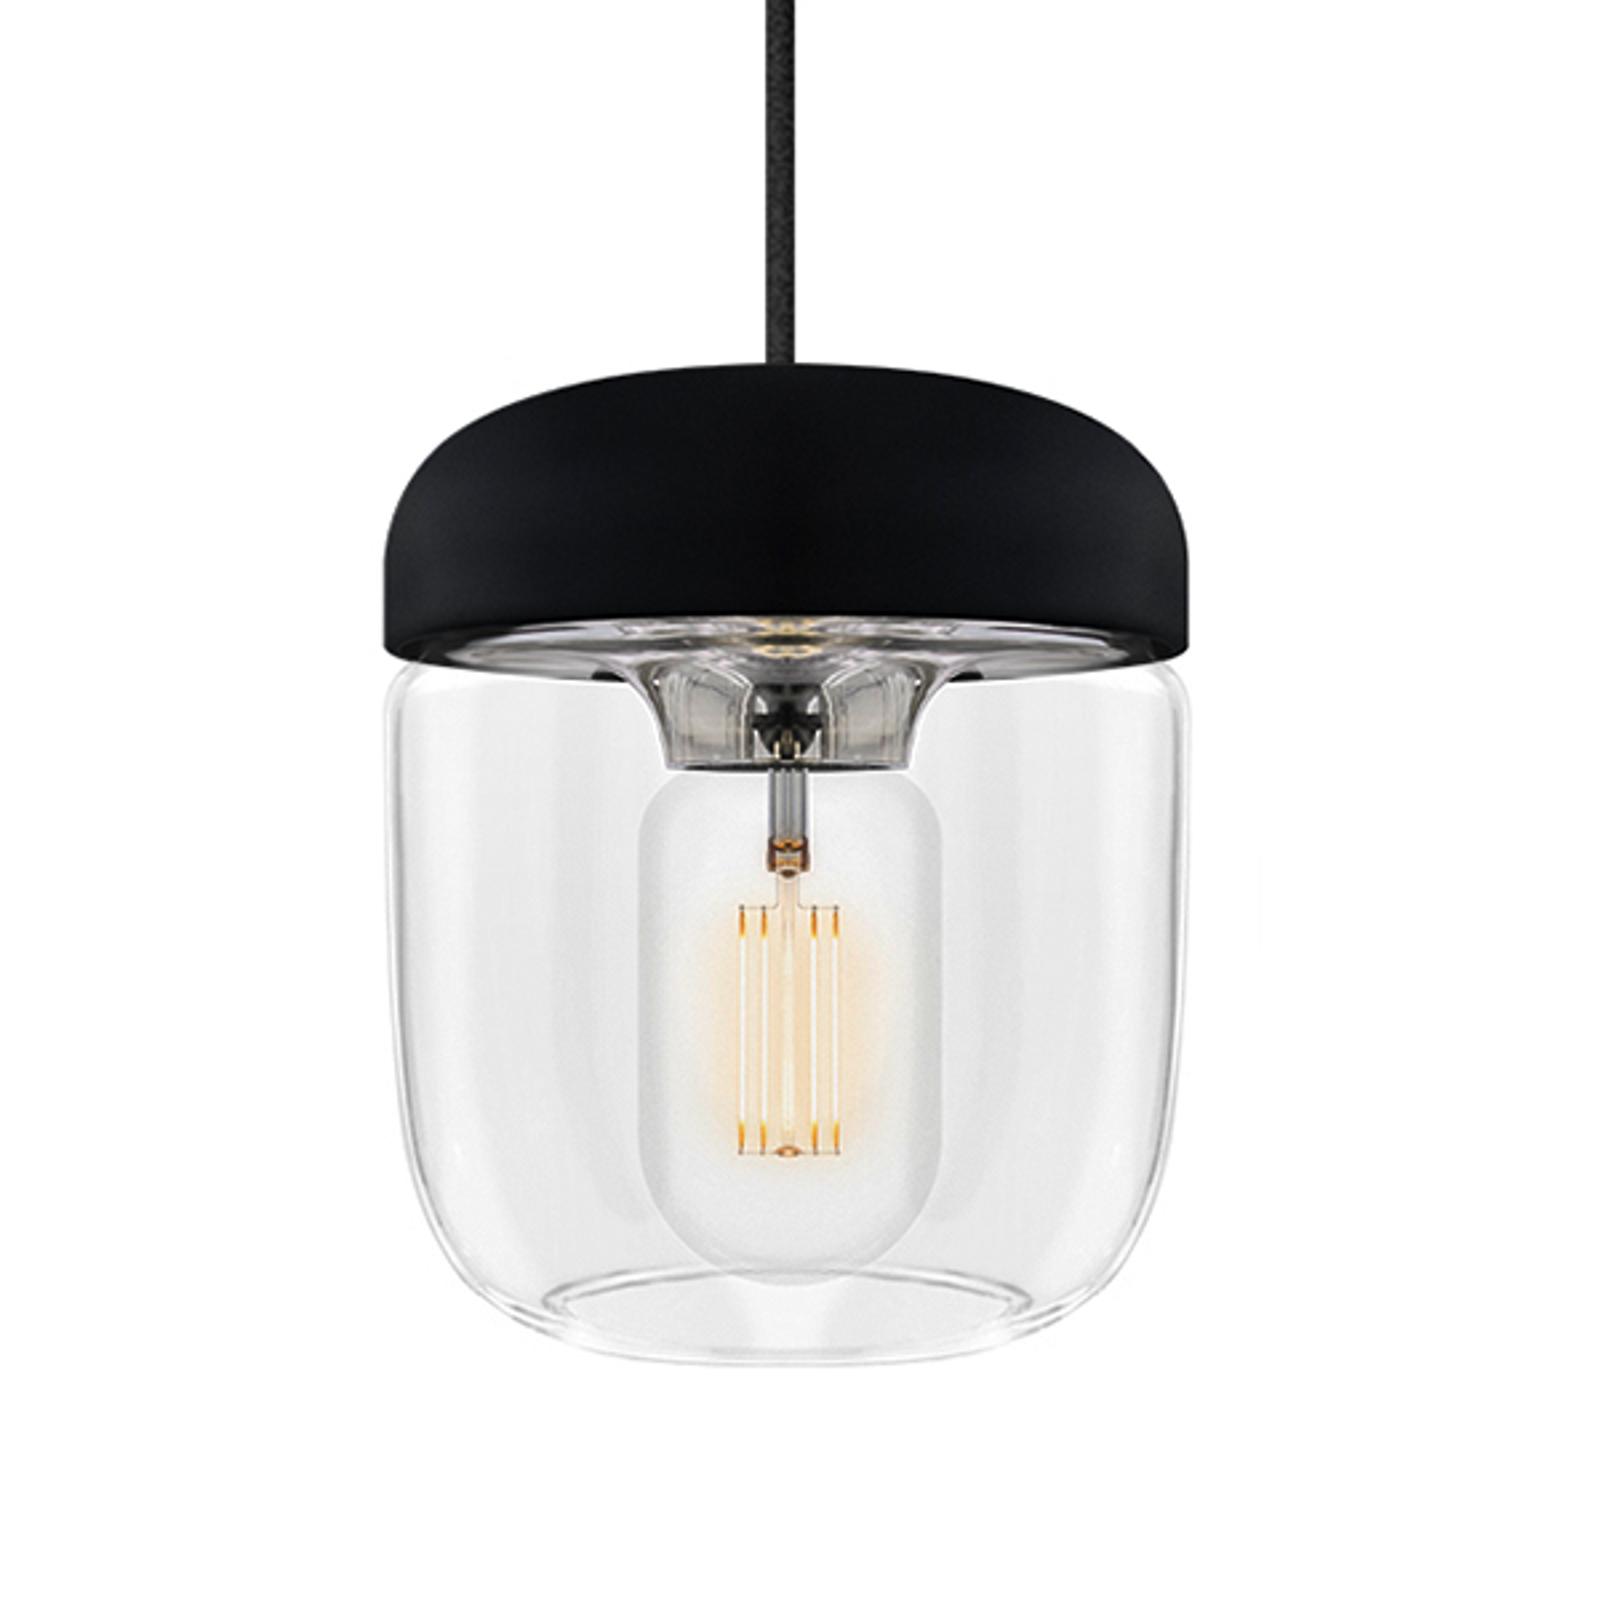 Designerska lampa wisząca Acorn, czarny i stalowy